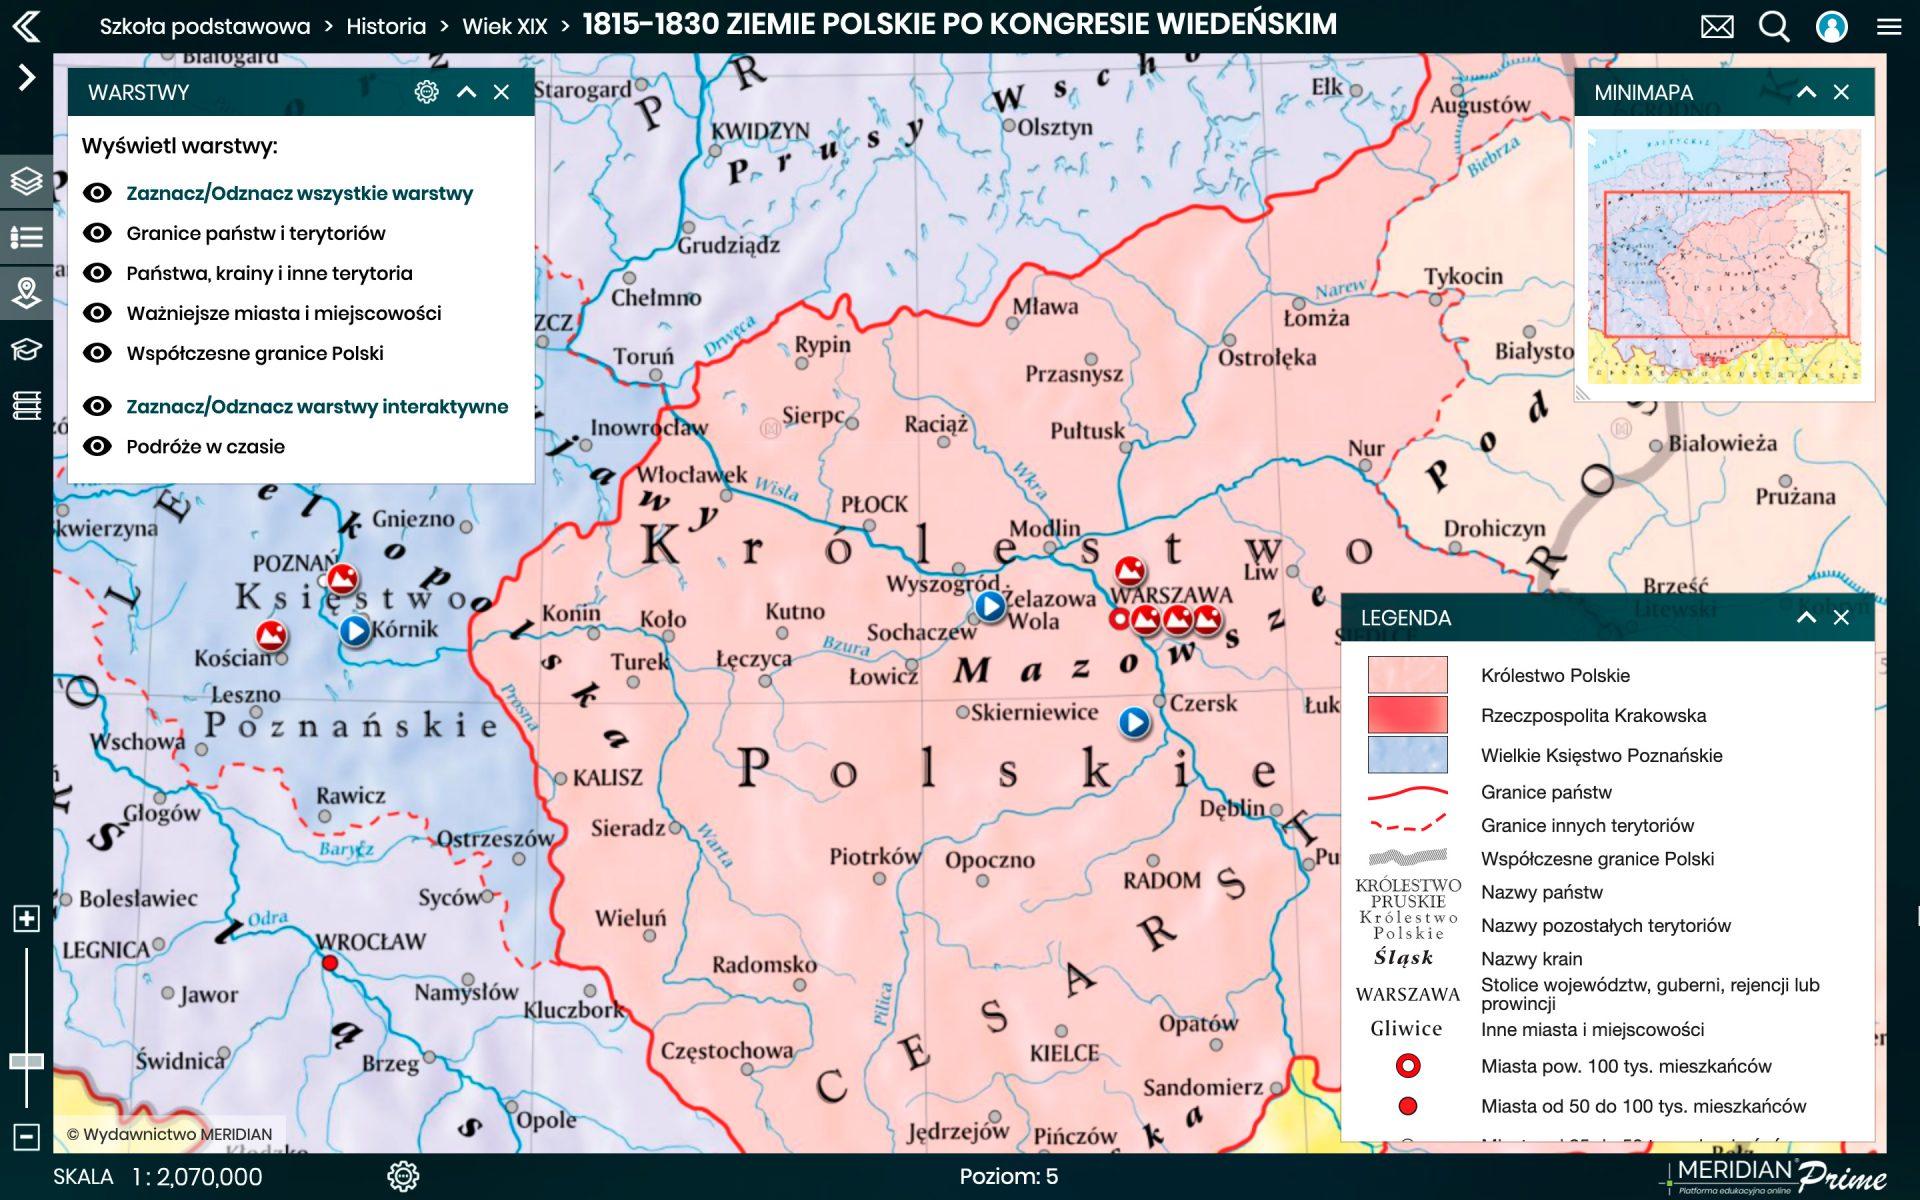 1815 1830 Ziemie pols po Kongresie Wieden